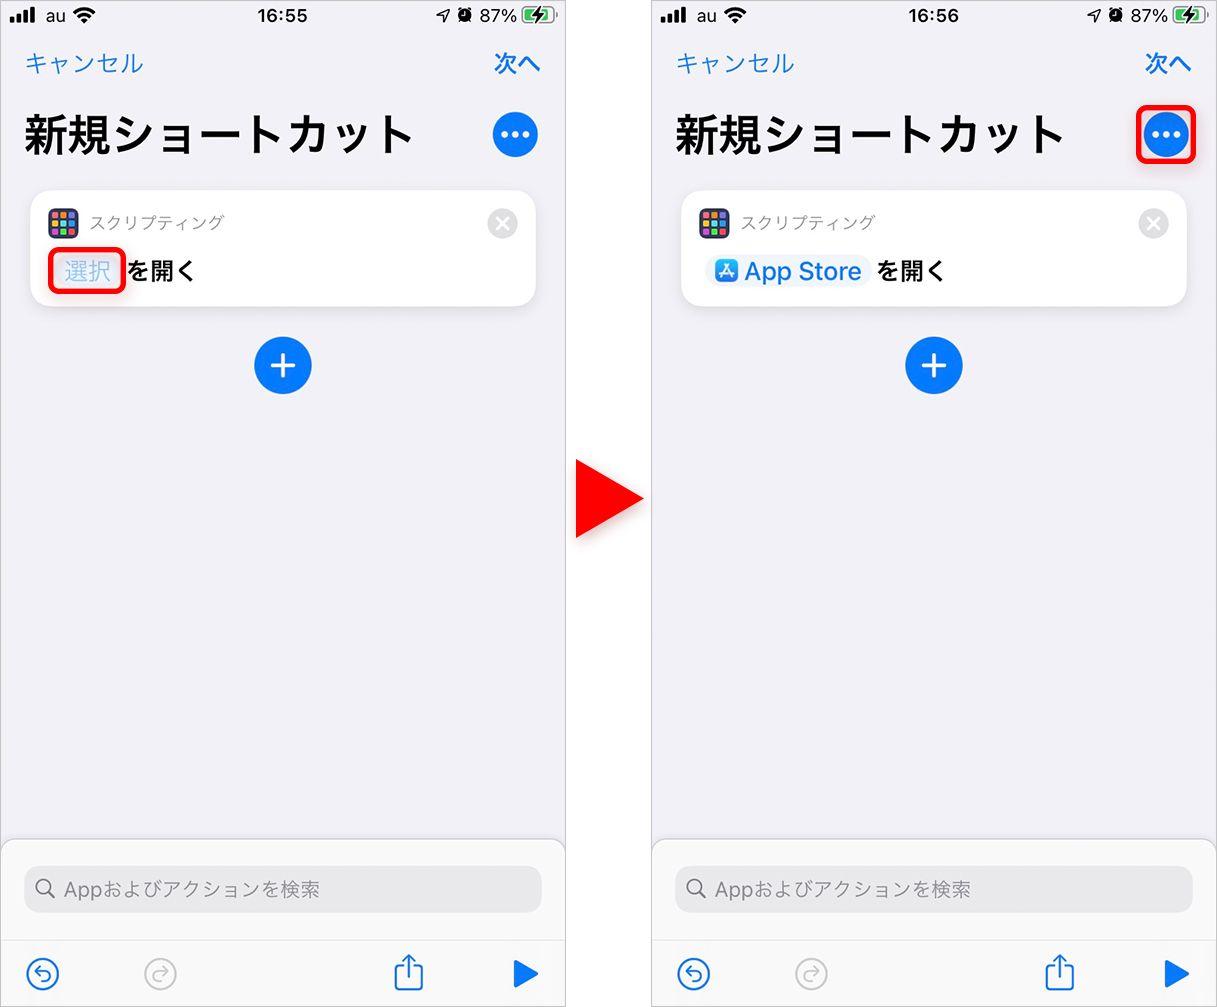 iPhone「ショートカット」アプリでアイコンをカスタマイズ